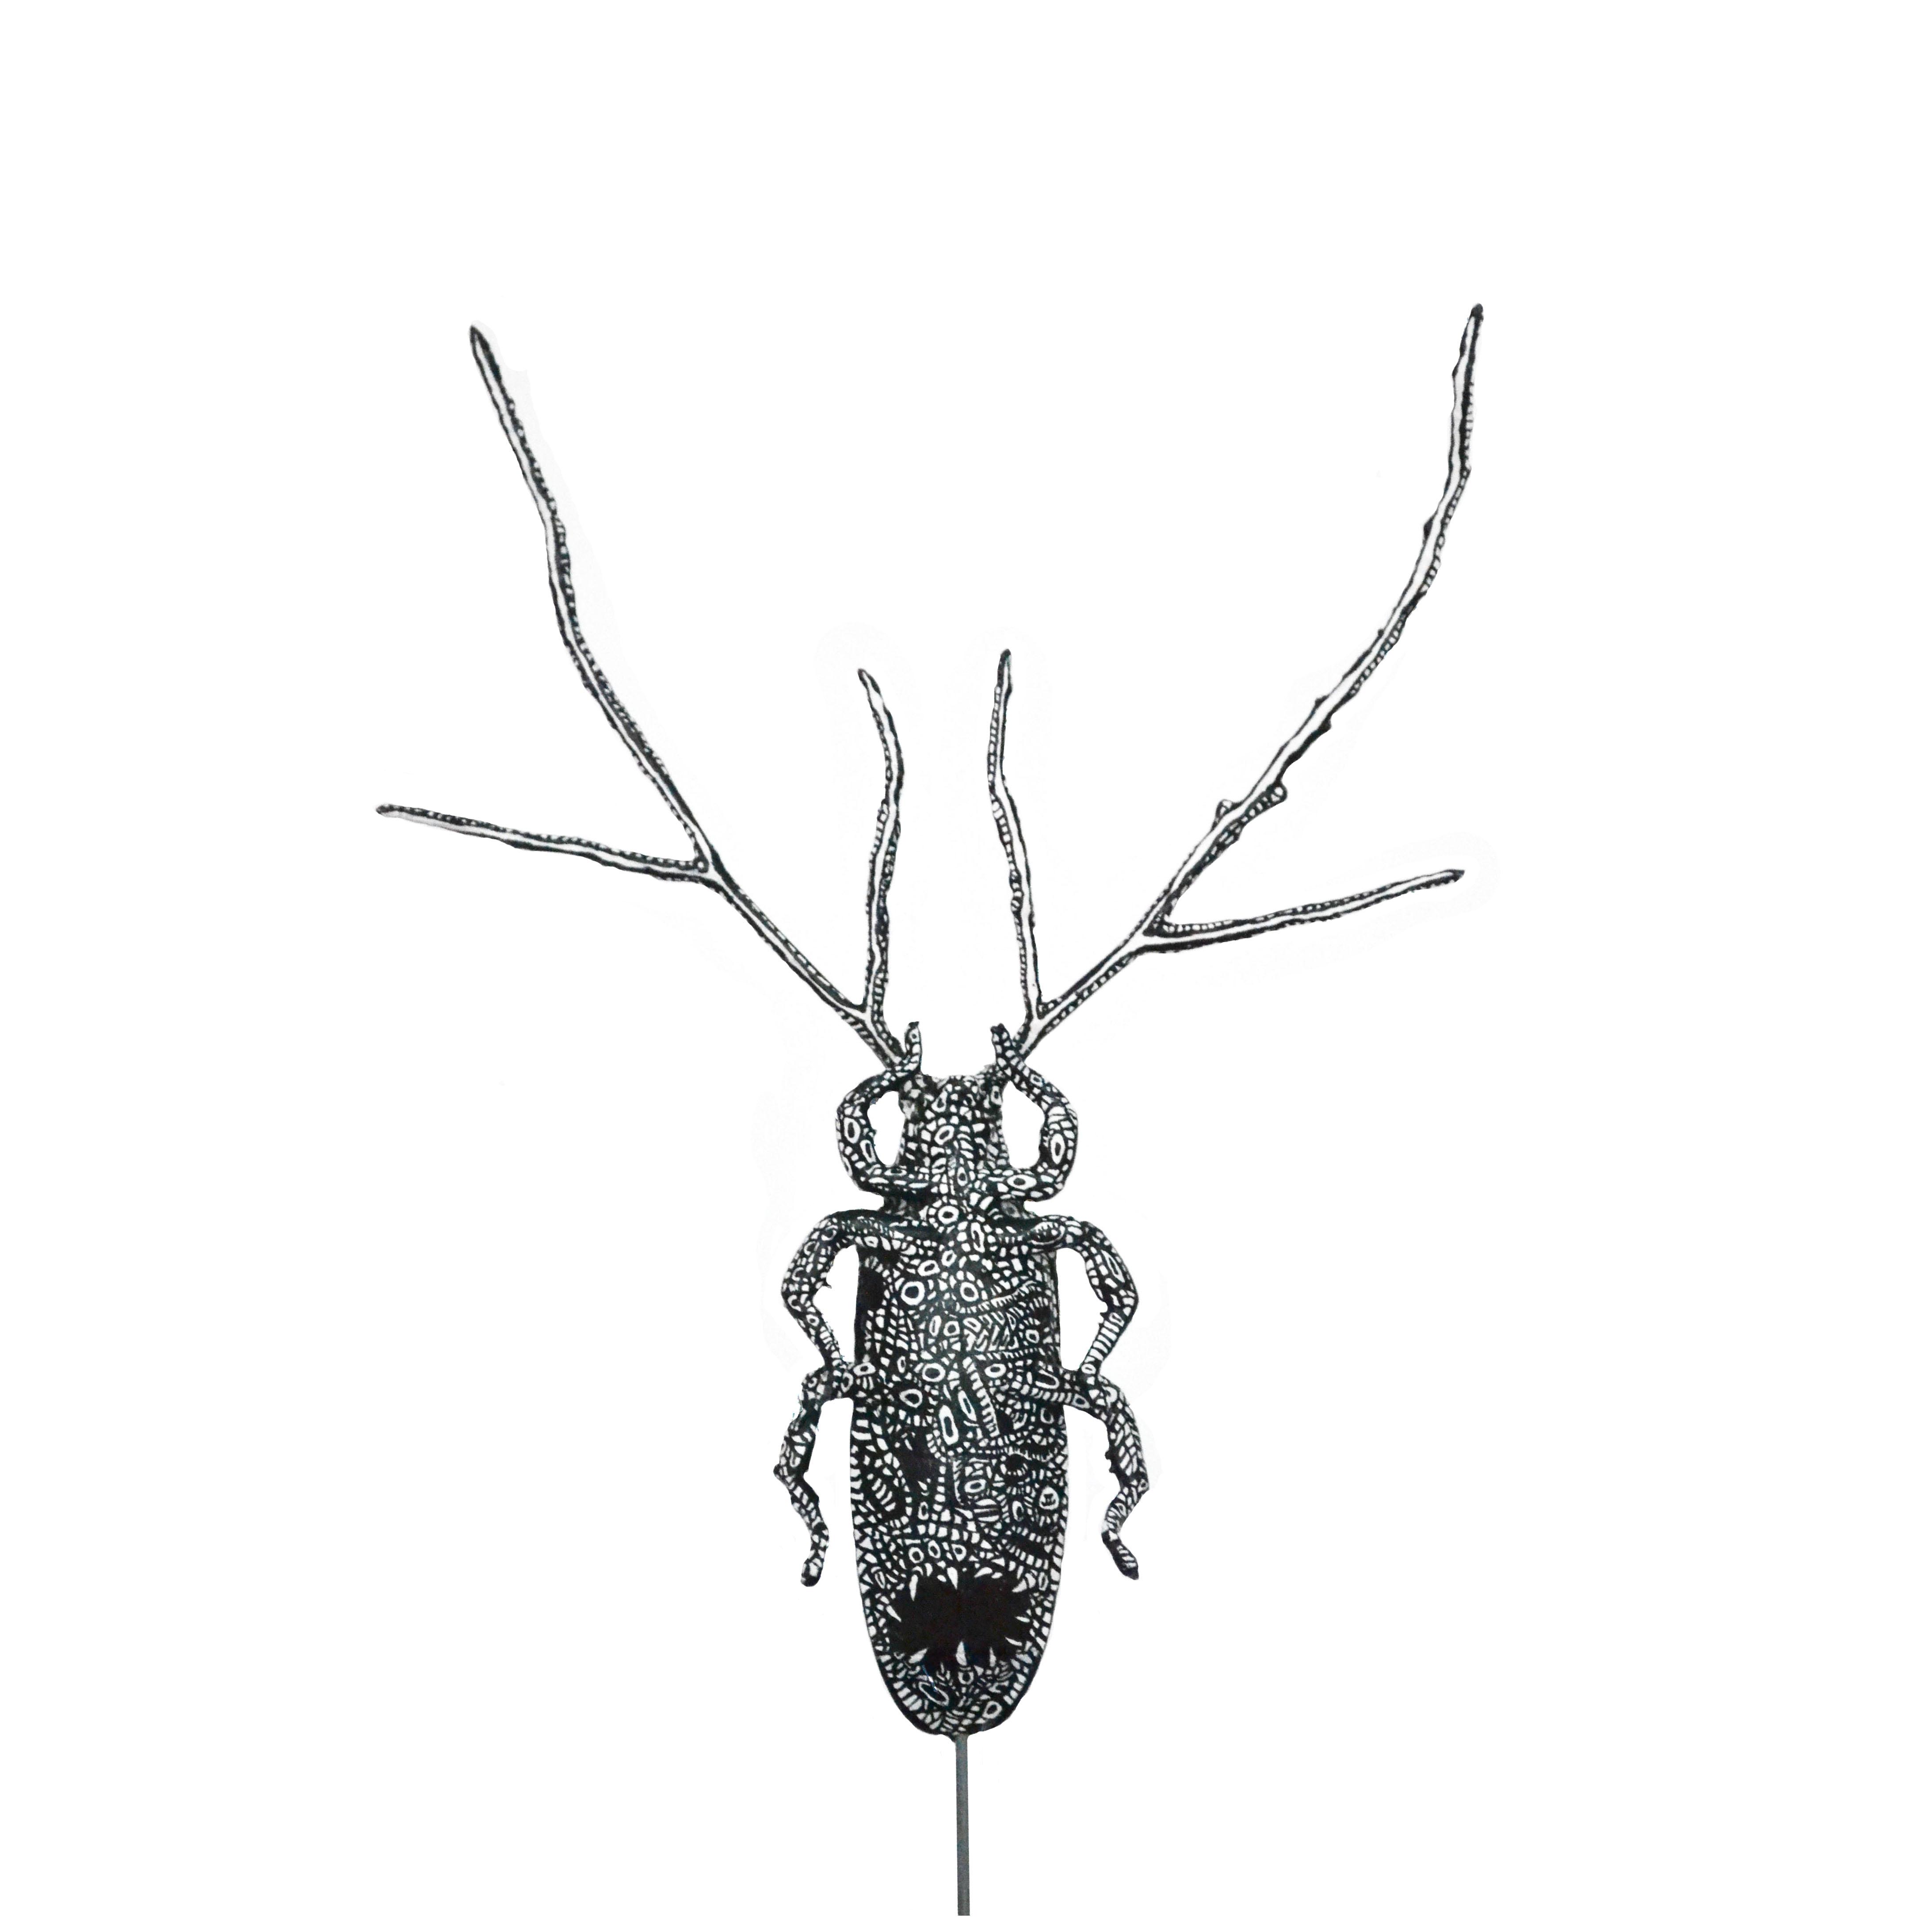 Xylocera Assamensis